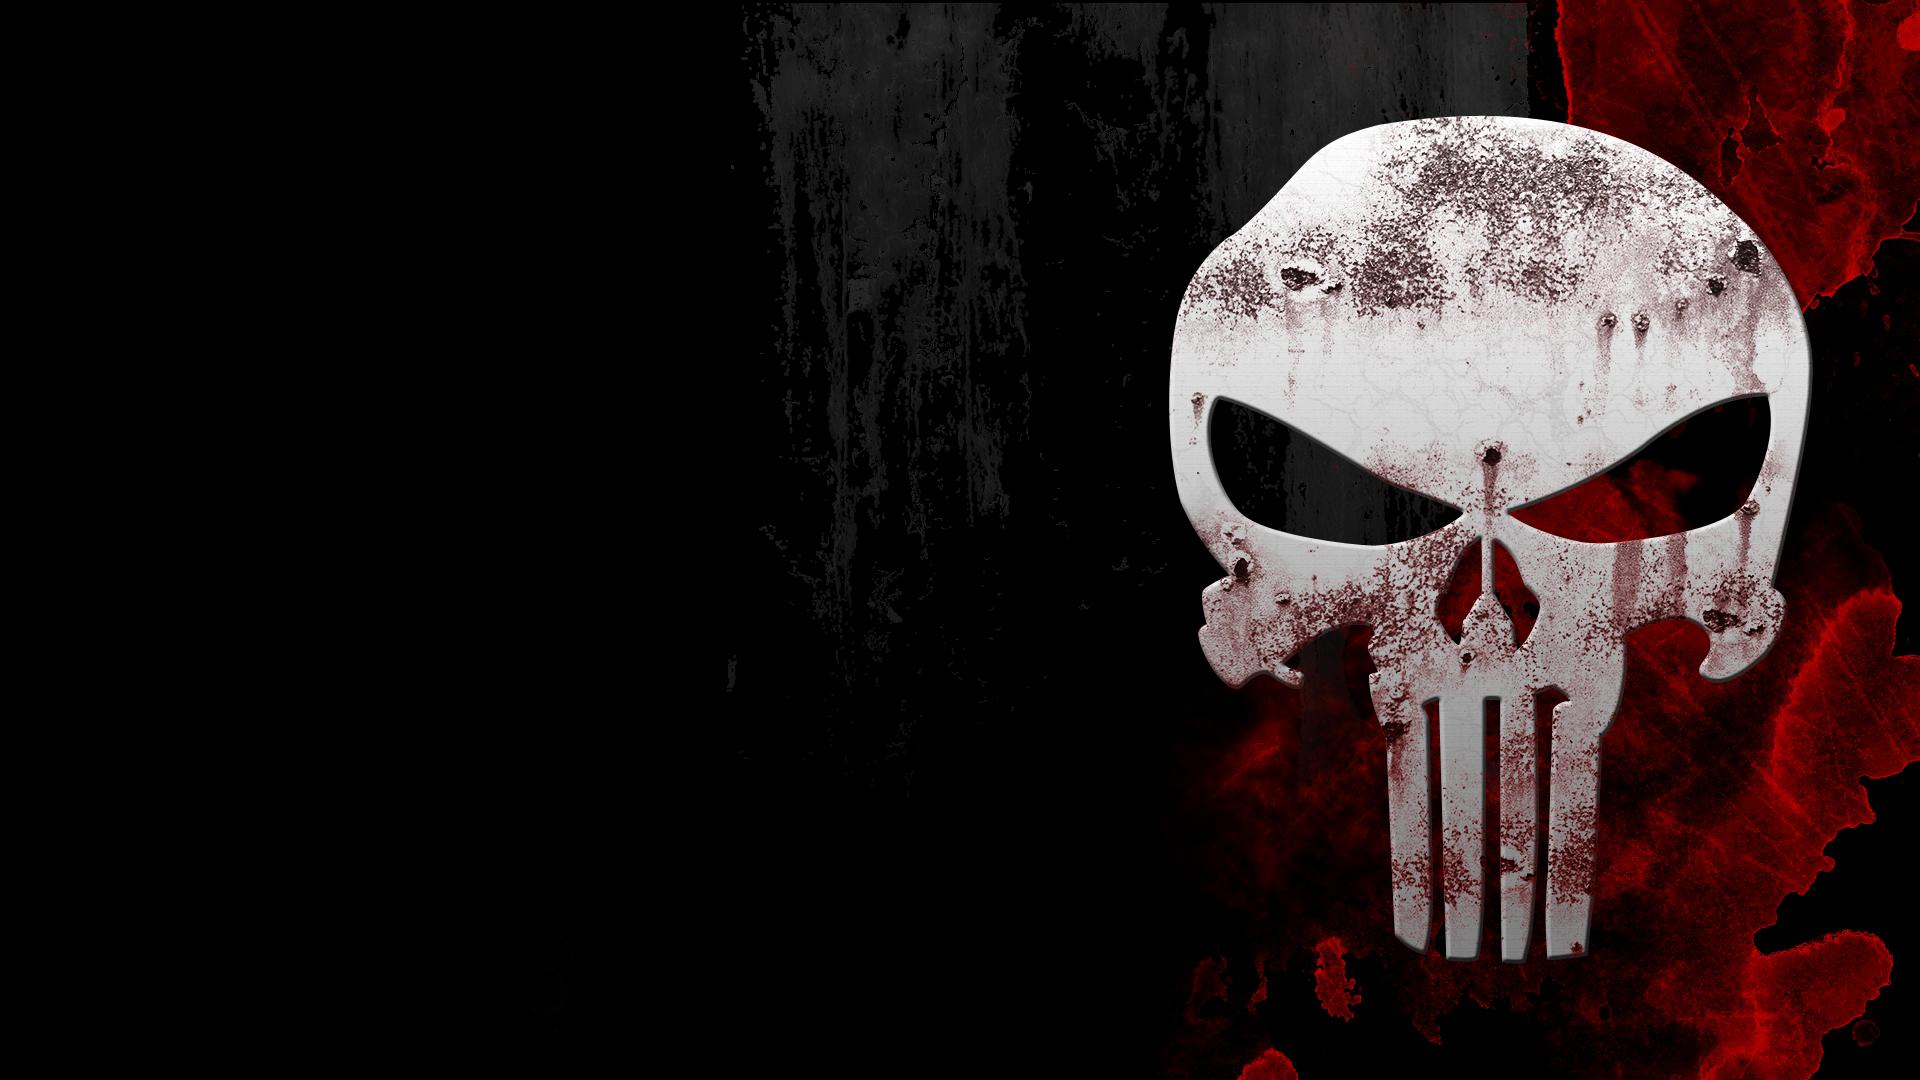 Punisher logo marvel hero a182 hd wallpaper download wallpaper voltagebd Images